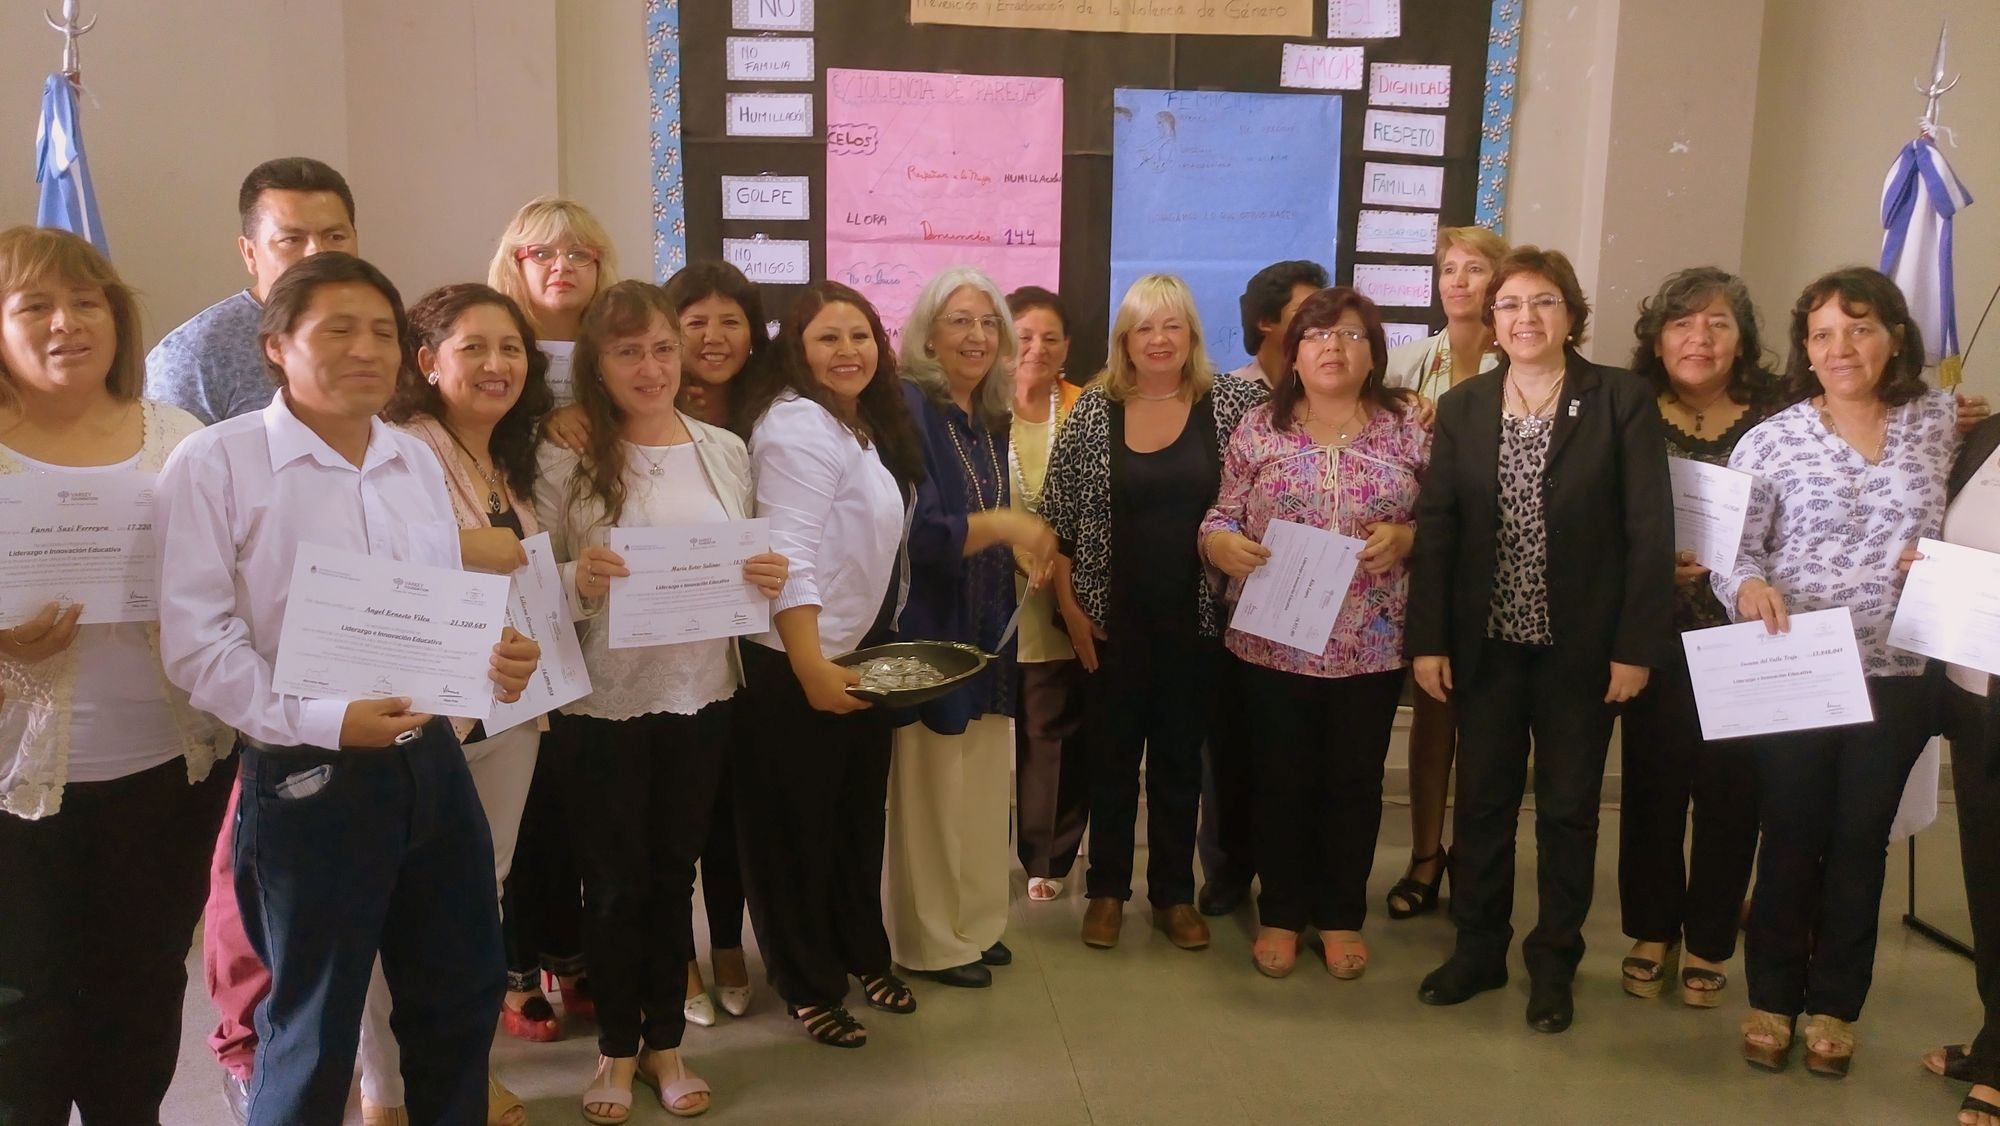 Nueva cohorte de directores se capacitó en liderazgo e innovación educativa. Octubre 2017